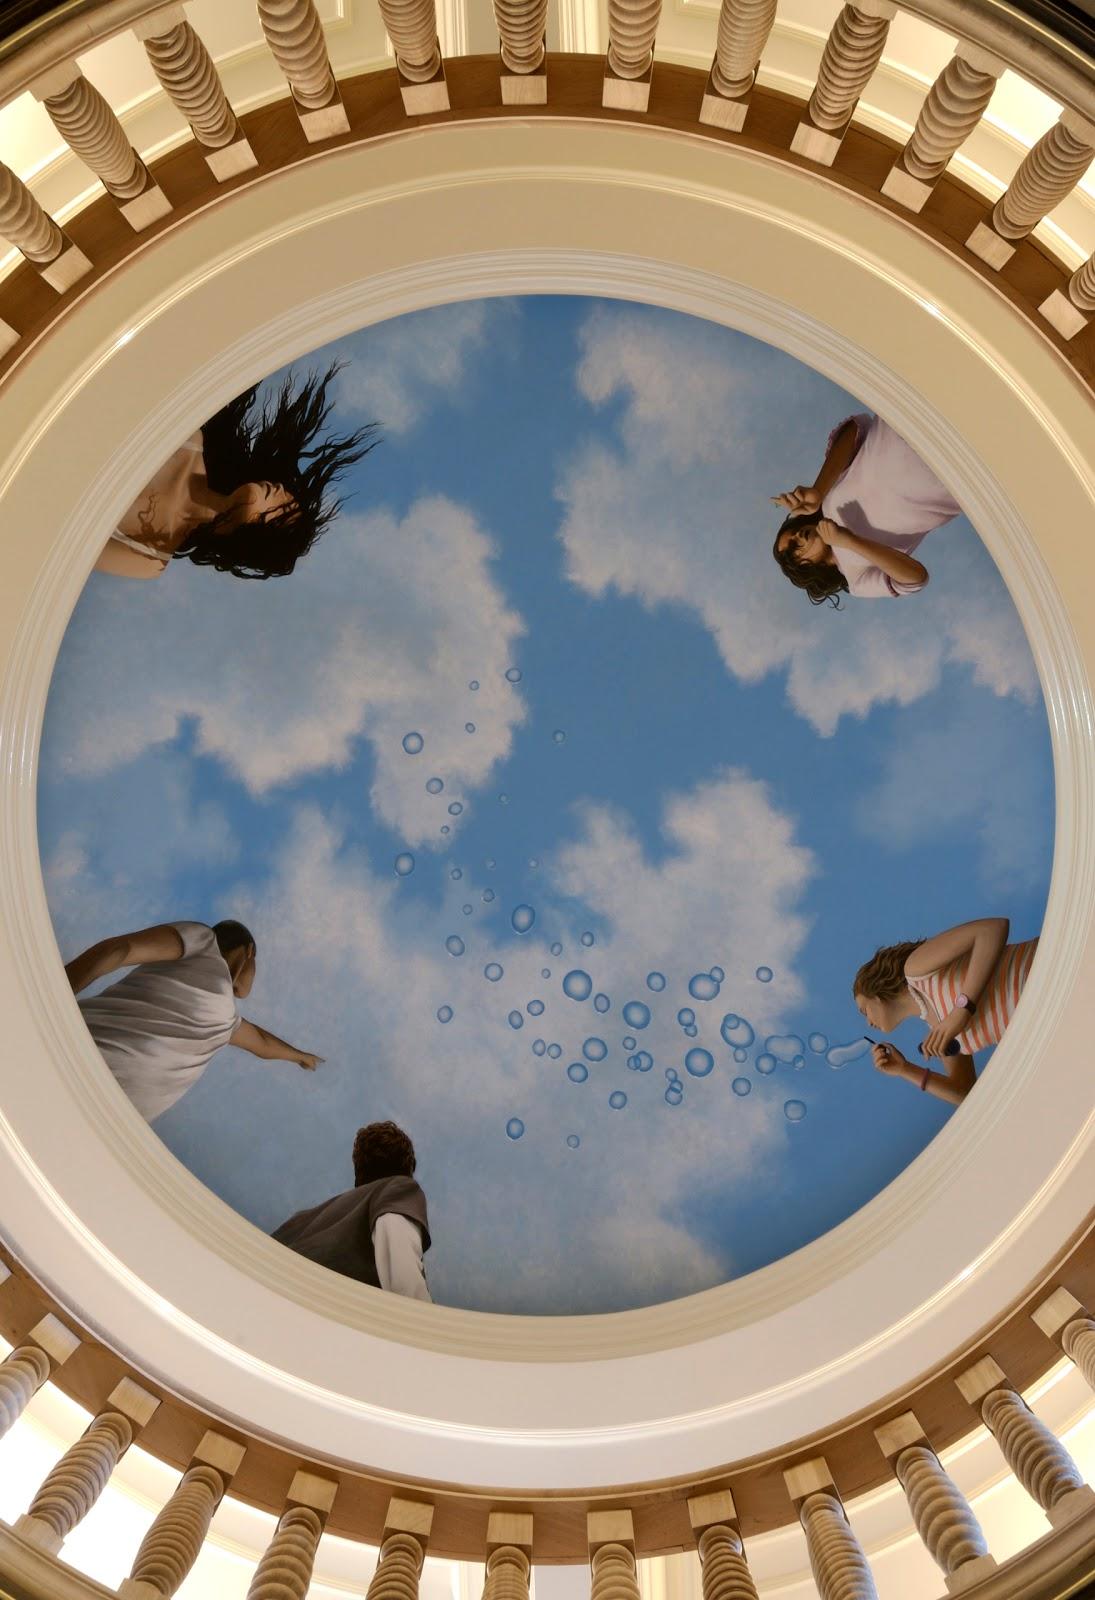 david faust: Ceiling mural